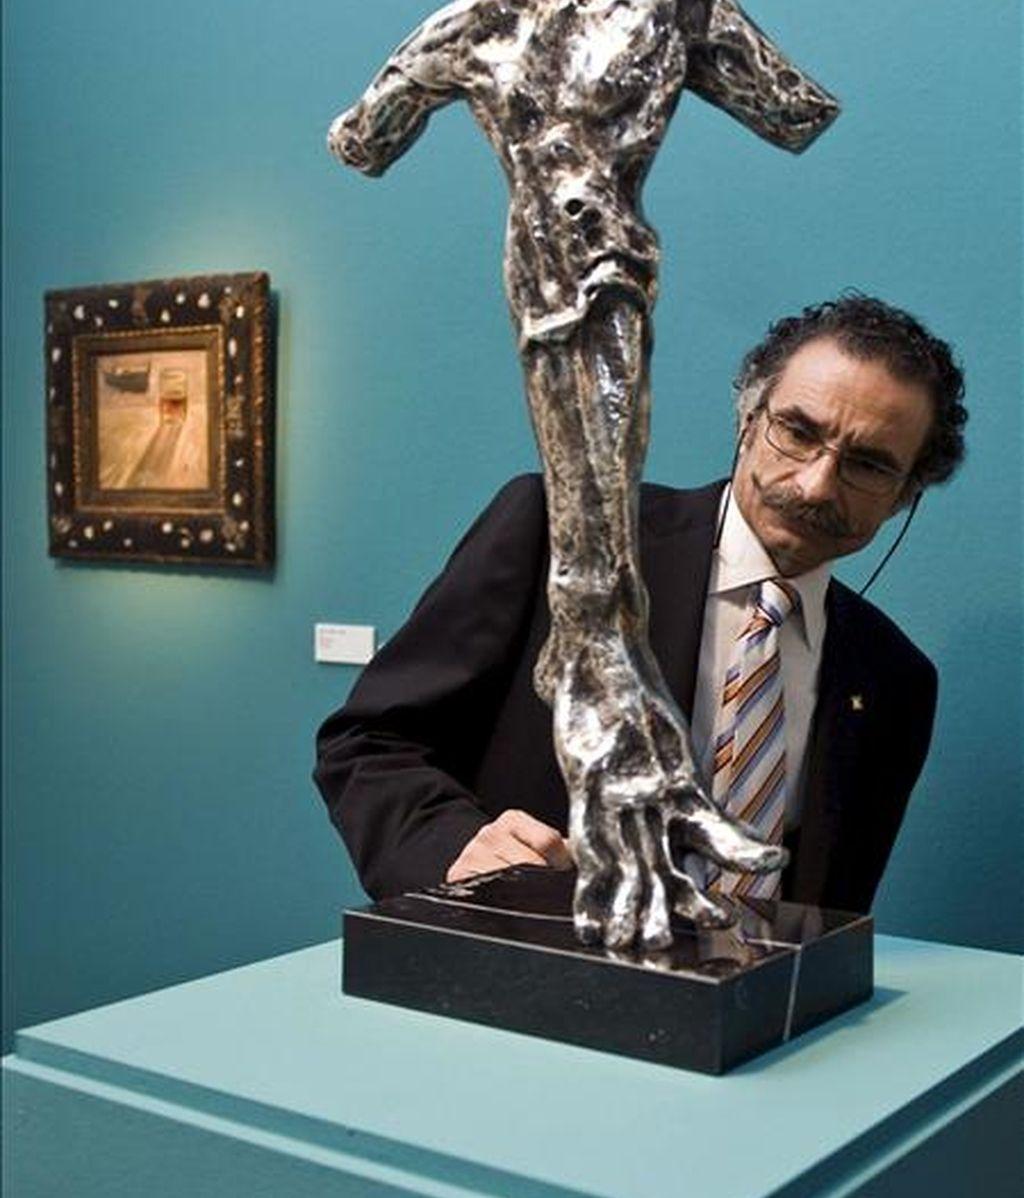 """El ex director del Real Círculo Artístico de Barcelona y propietario de parte de las obras de la exposición """"Salvador Dalí, veinte años después"""", Juan Javier Bofill, durante la inauguración de dicha exposición hoy en la Casa del Cordón de Burgos. EFE"""